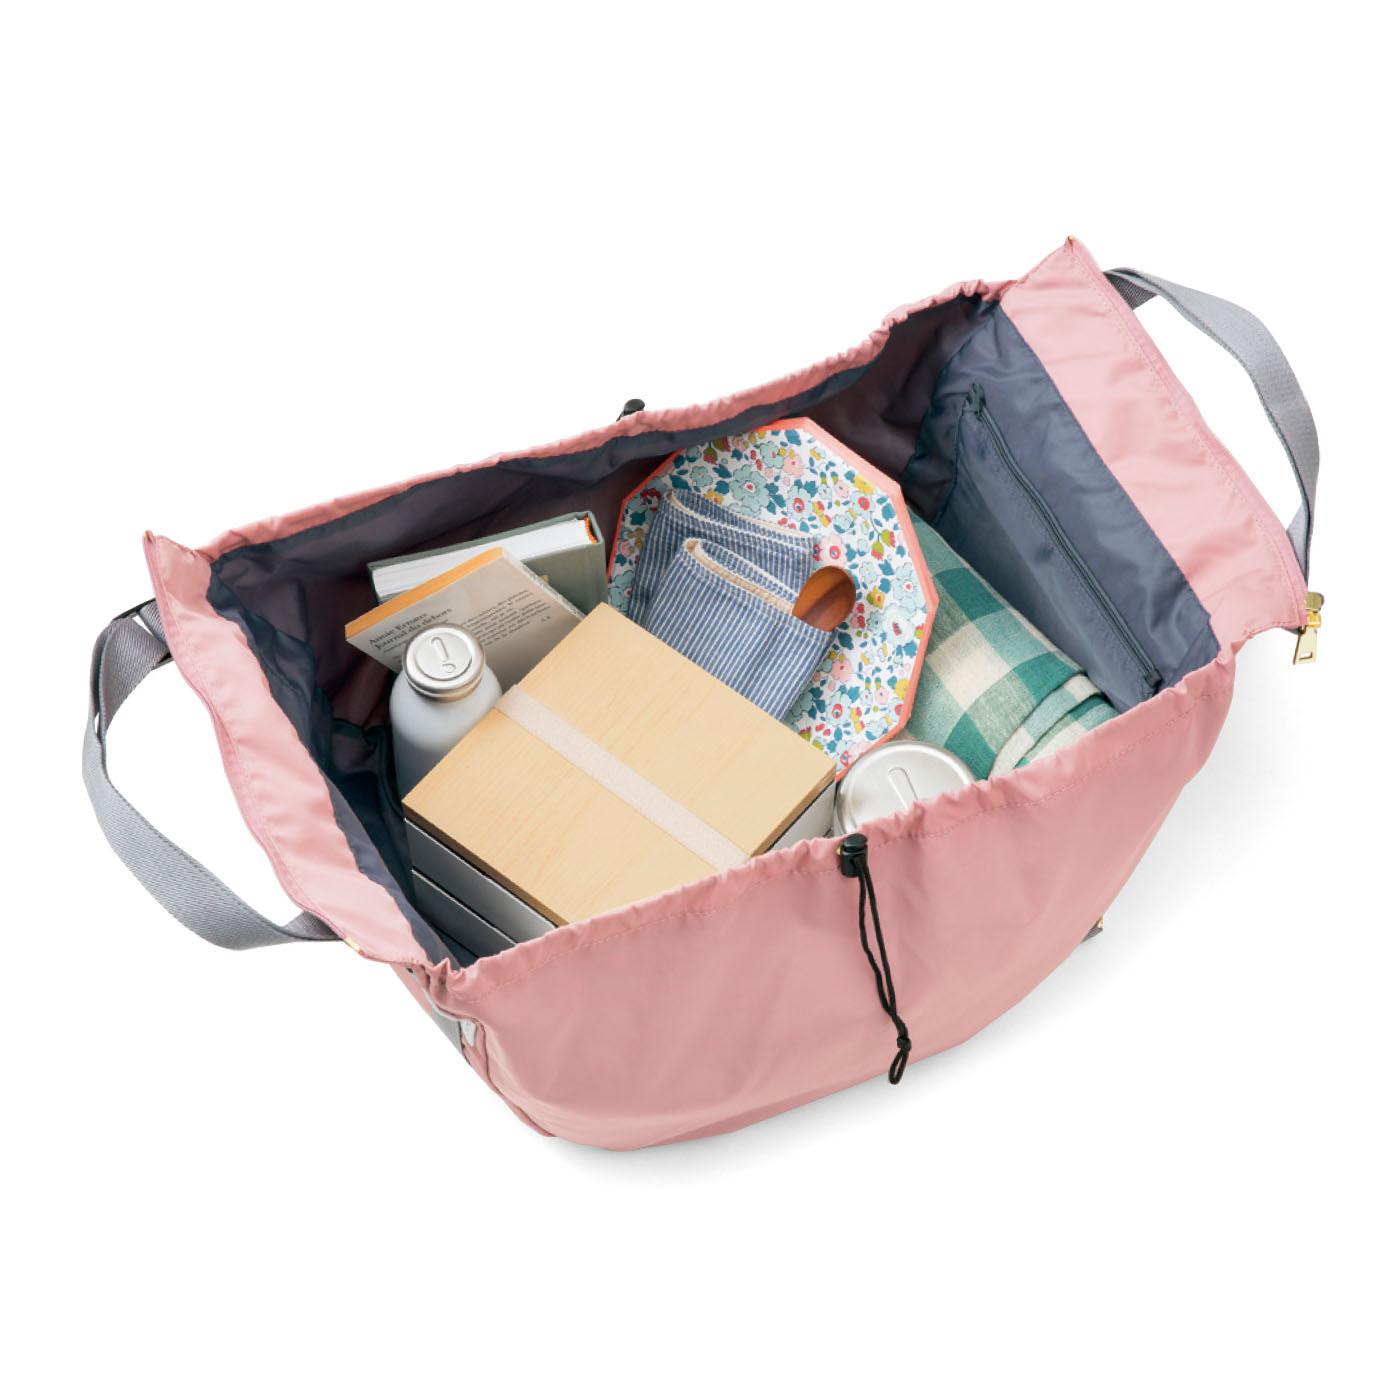 大容量だからお弁当や水筒、レジャーシートなど必需品をまとめて詰め込んで、ピクニックのときにも重宝します。